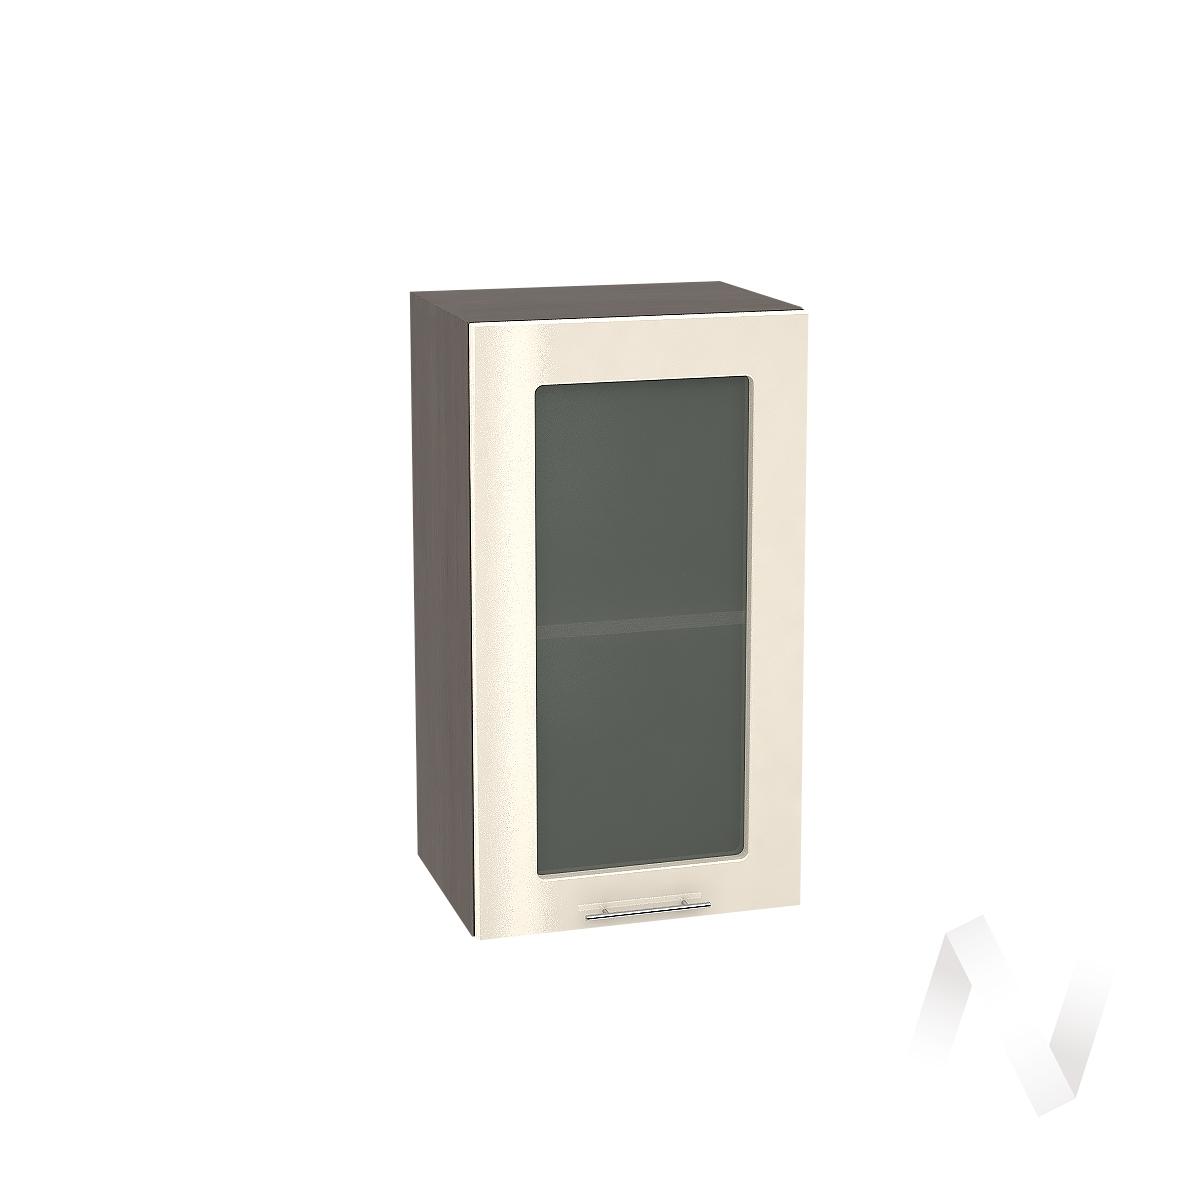 """Кухня """"Валерия-М"""": Шкаф верхний со стеклом 400, ШВС 400 (Ваниль глянец/корпус венге)"""